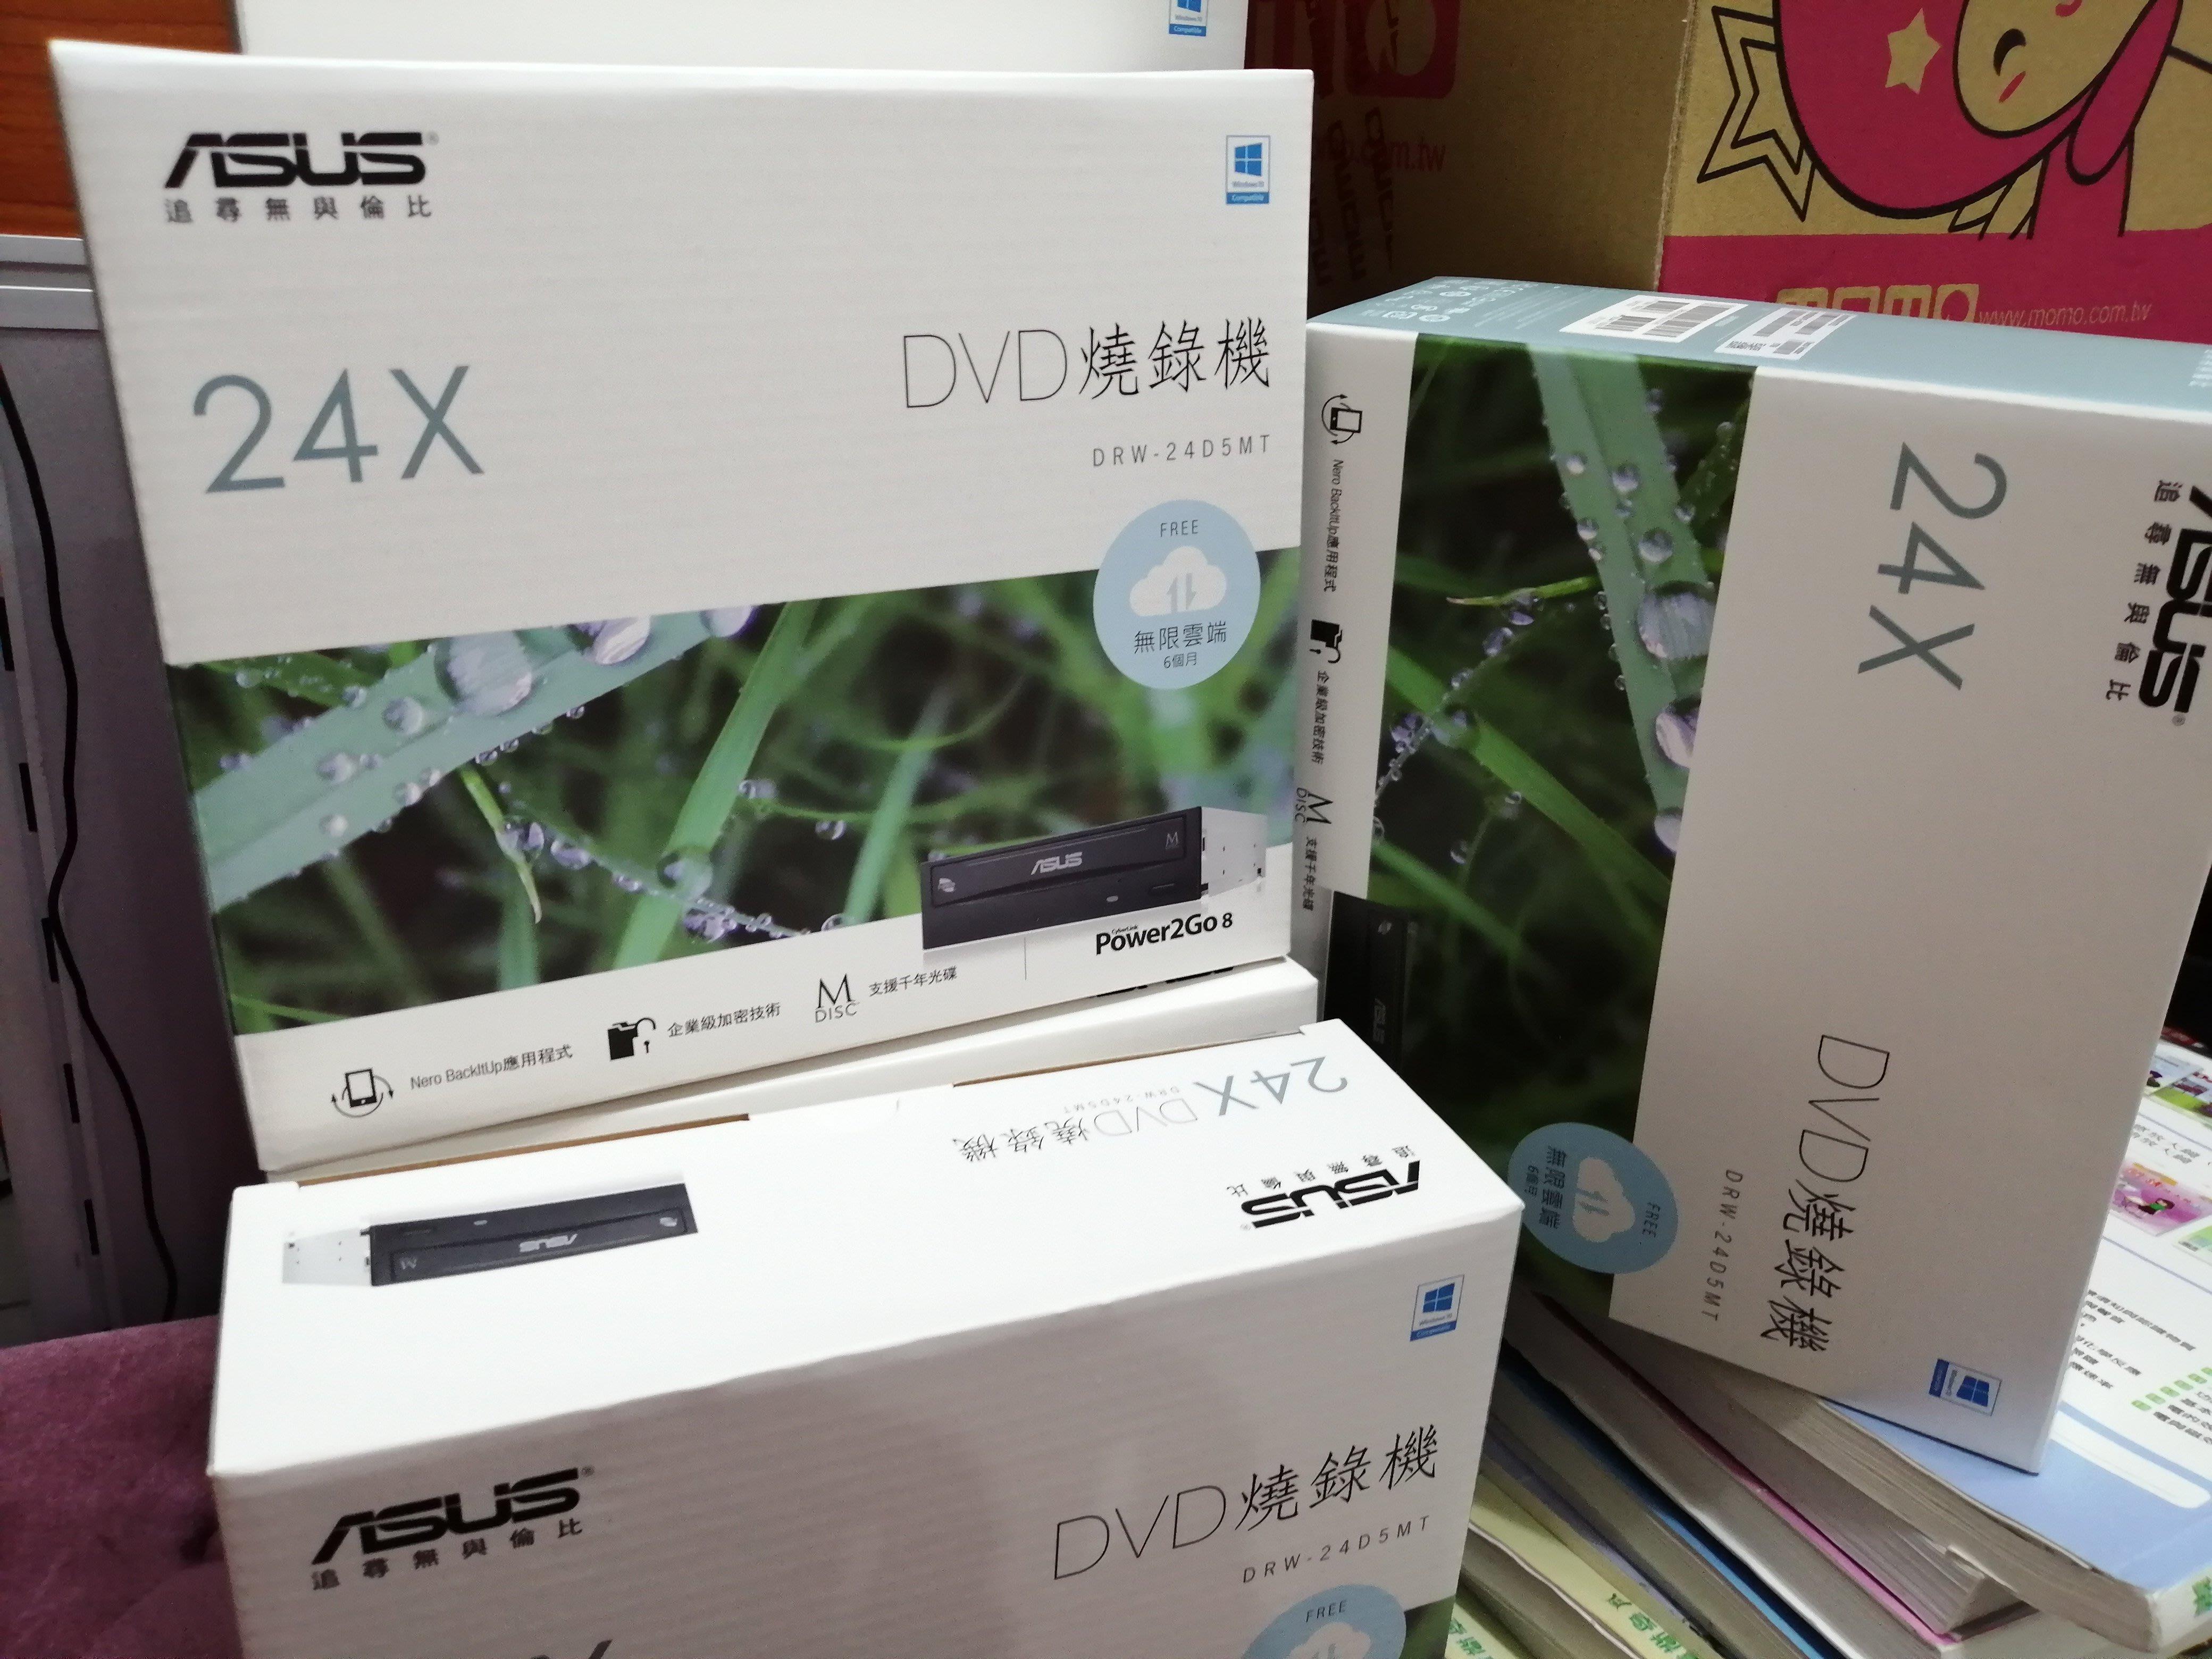 3C-陳姐-華碩 DRW-24D5MT 24X 燒錄機-黑  ....NT$ 550(含運)